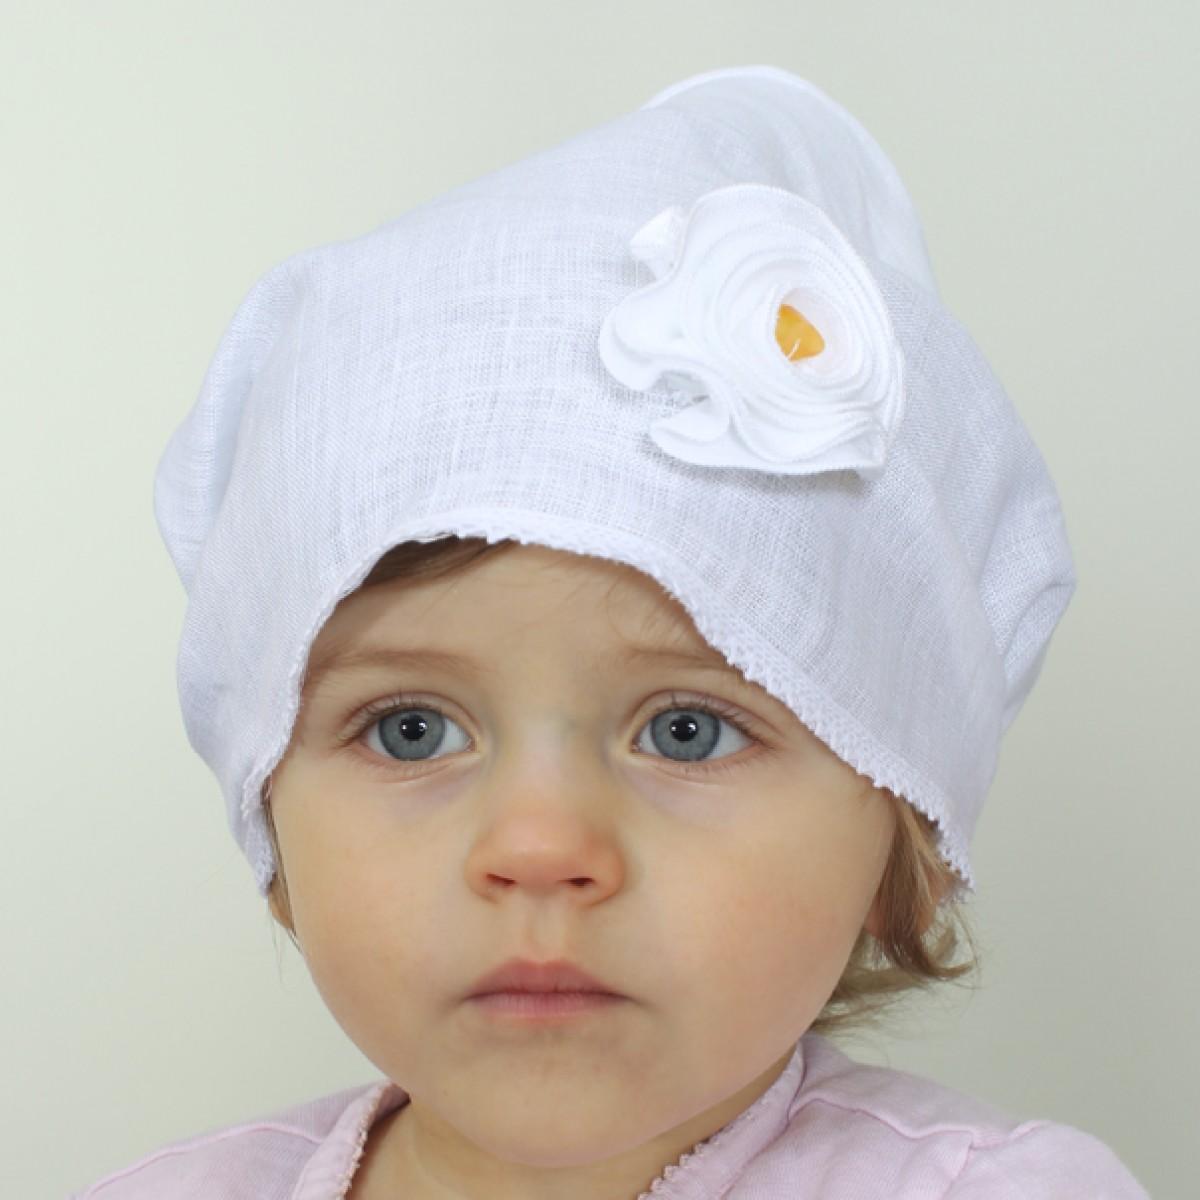 Cepure Vilaurita no lina 100